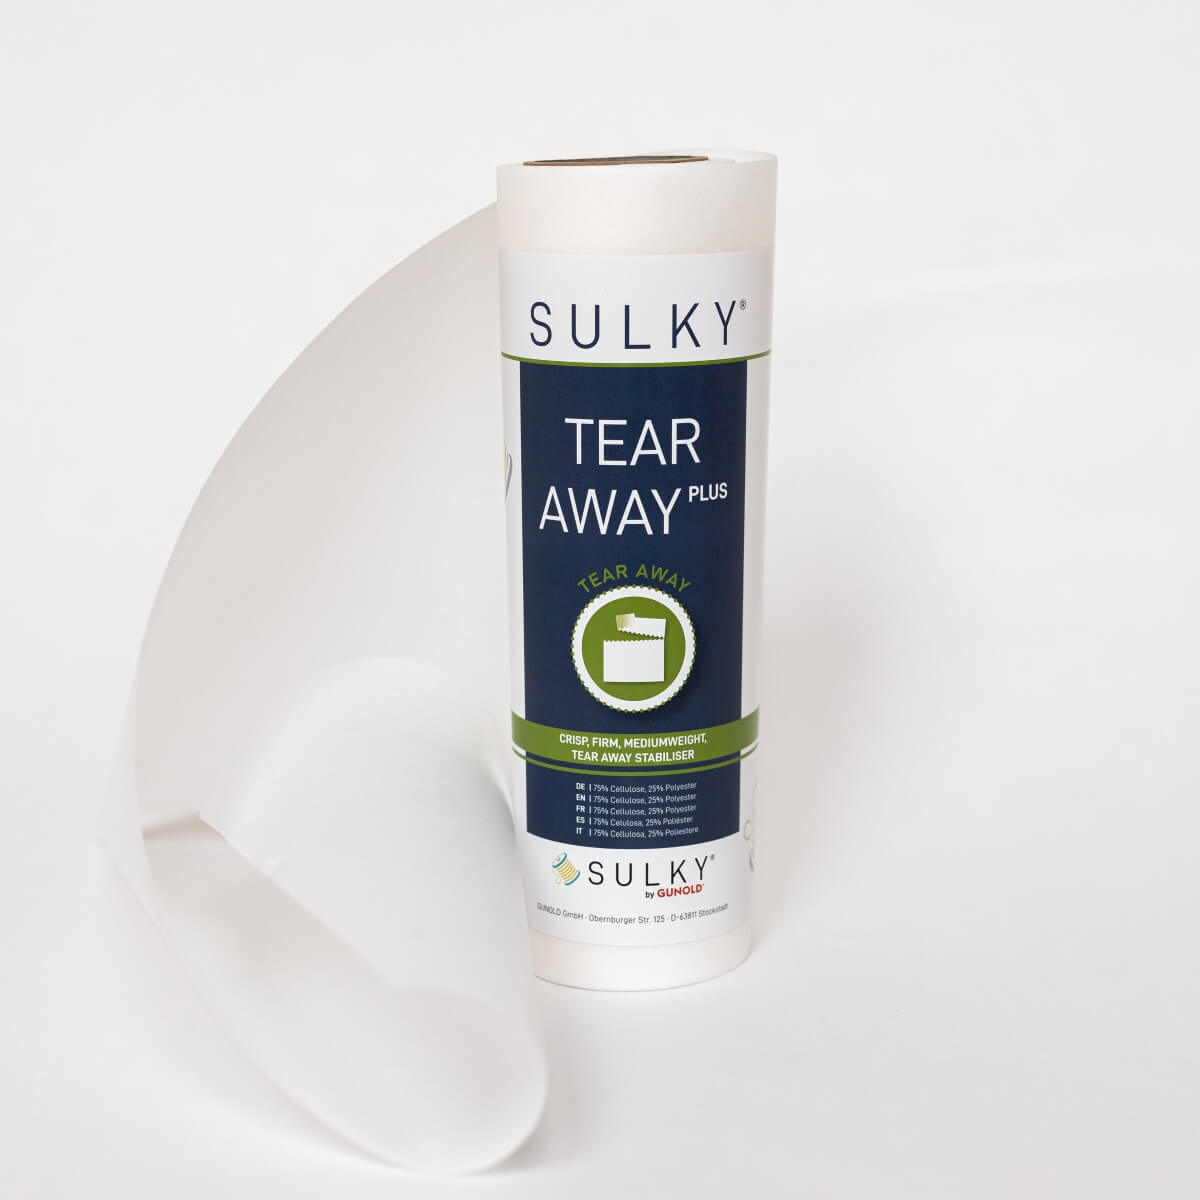 SULKY TEAR AWAY PLUS